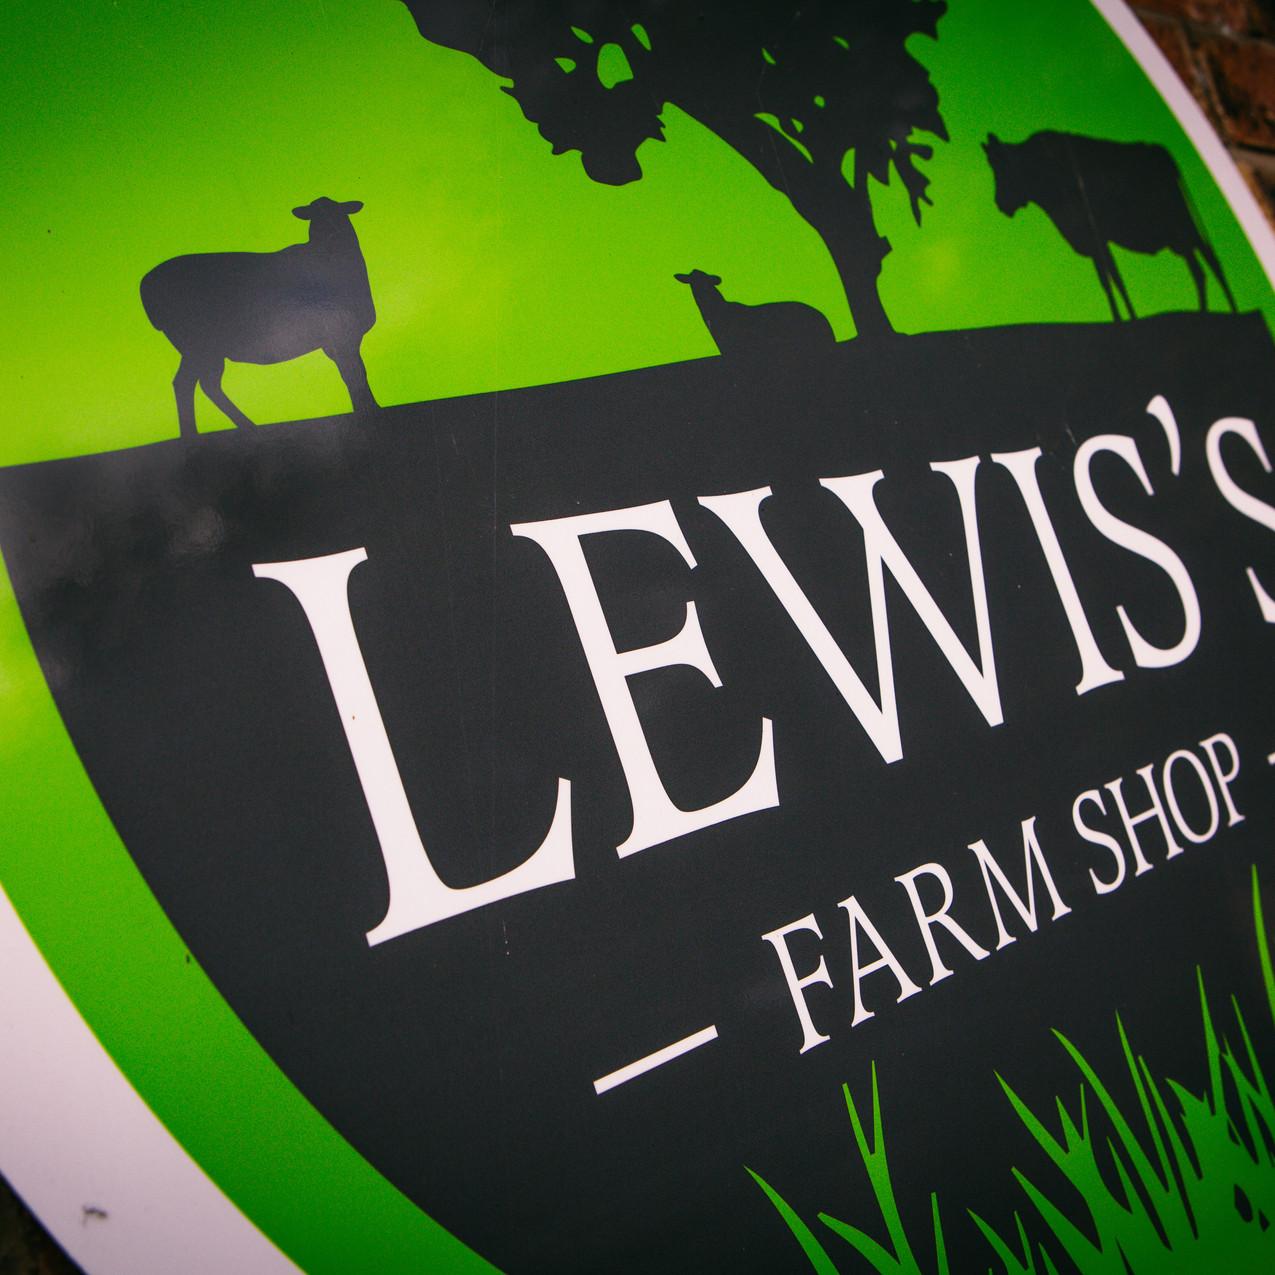 Lewiss-Farm-Shop-Ginger-Pixie-Photograph